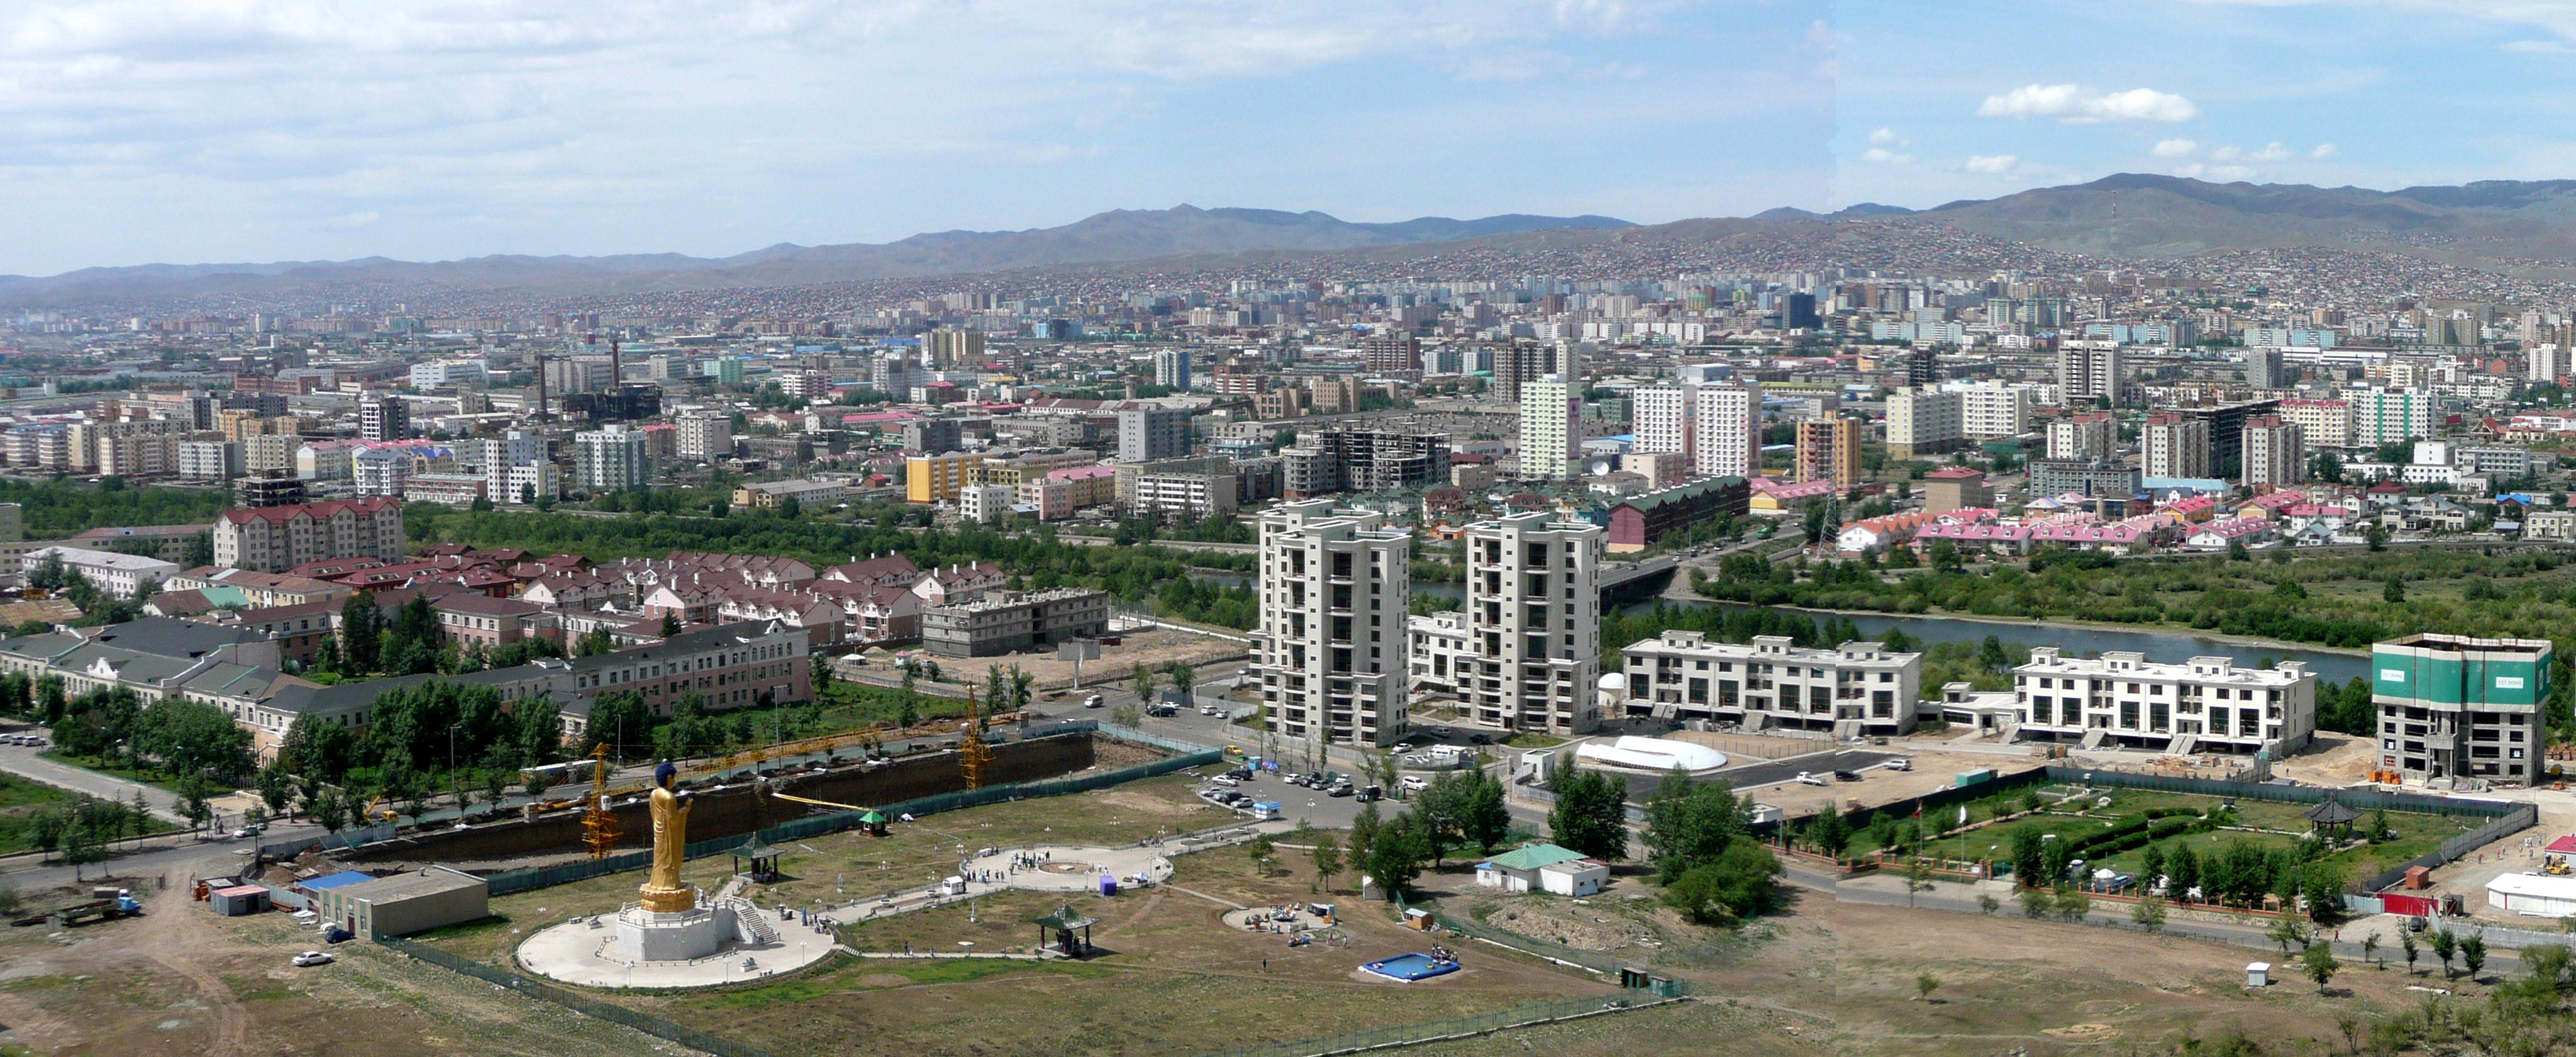 Ulaan Bataar, Mongolia